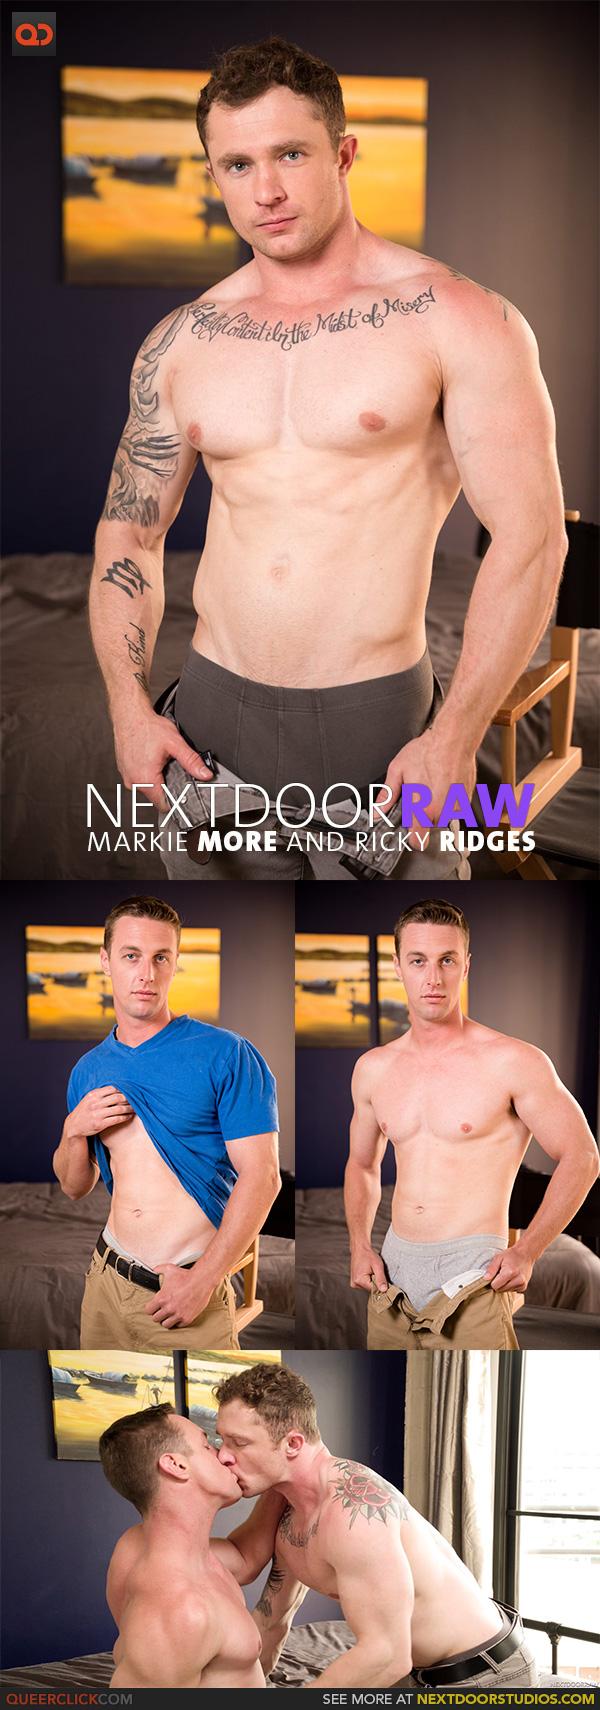 Next Door Studios: Markie More and Ricky Ridges